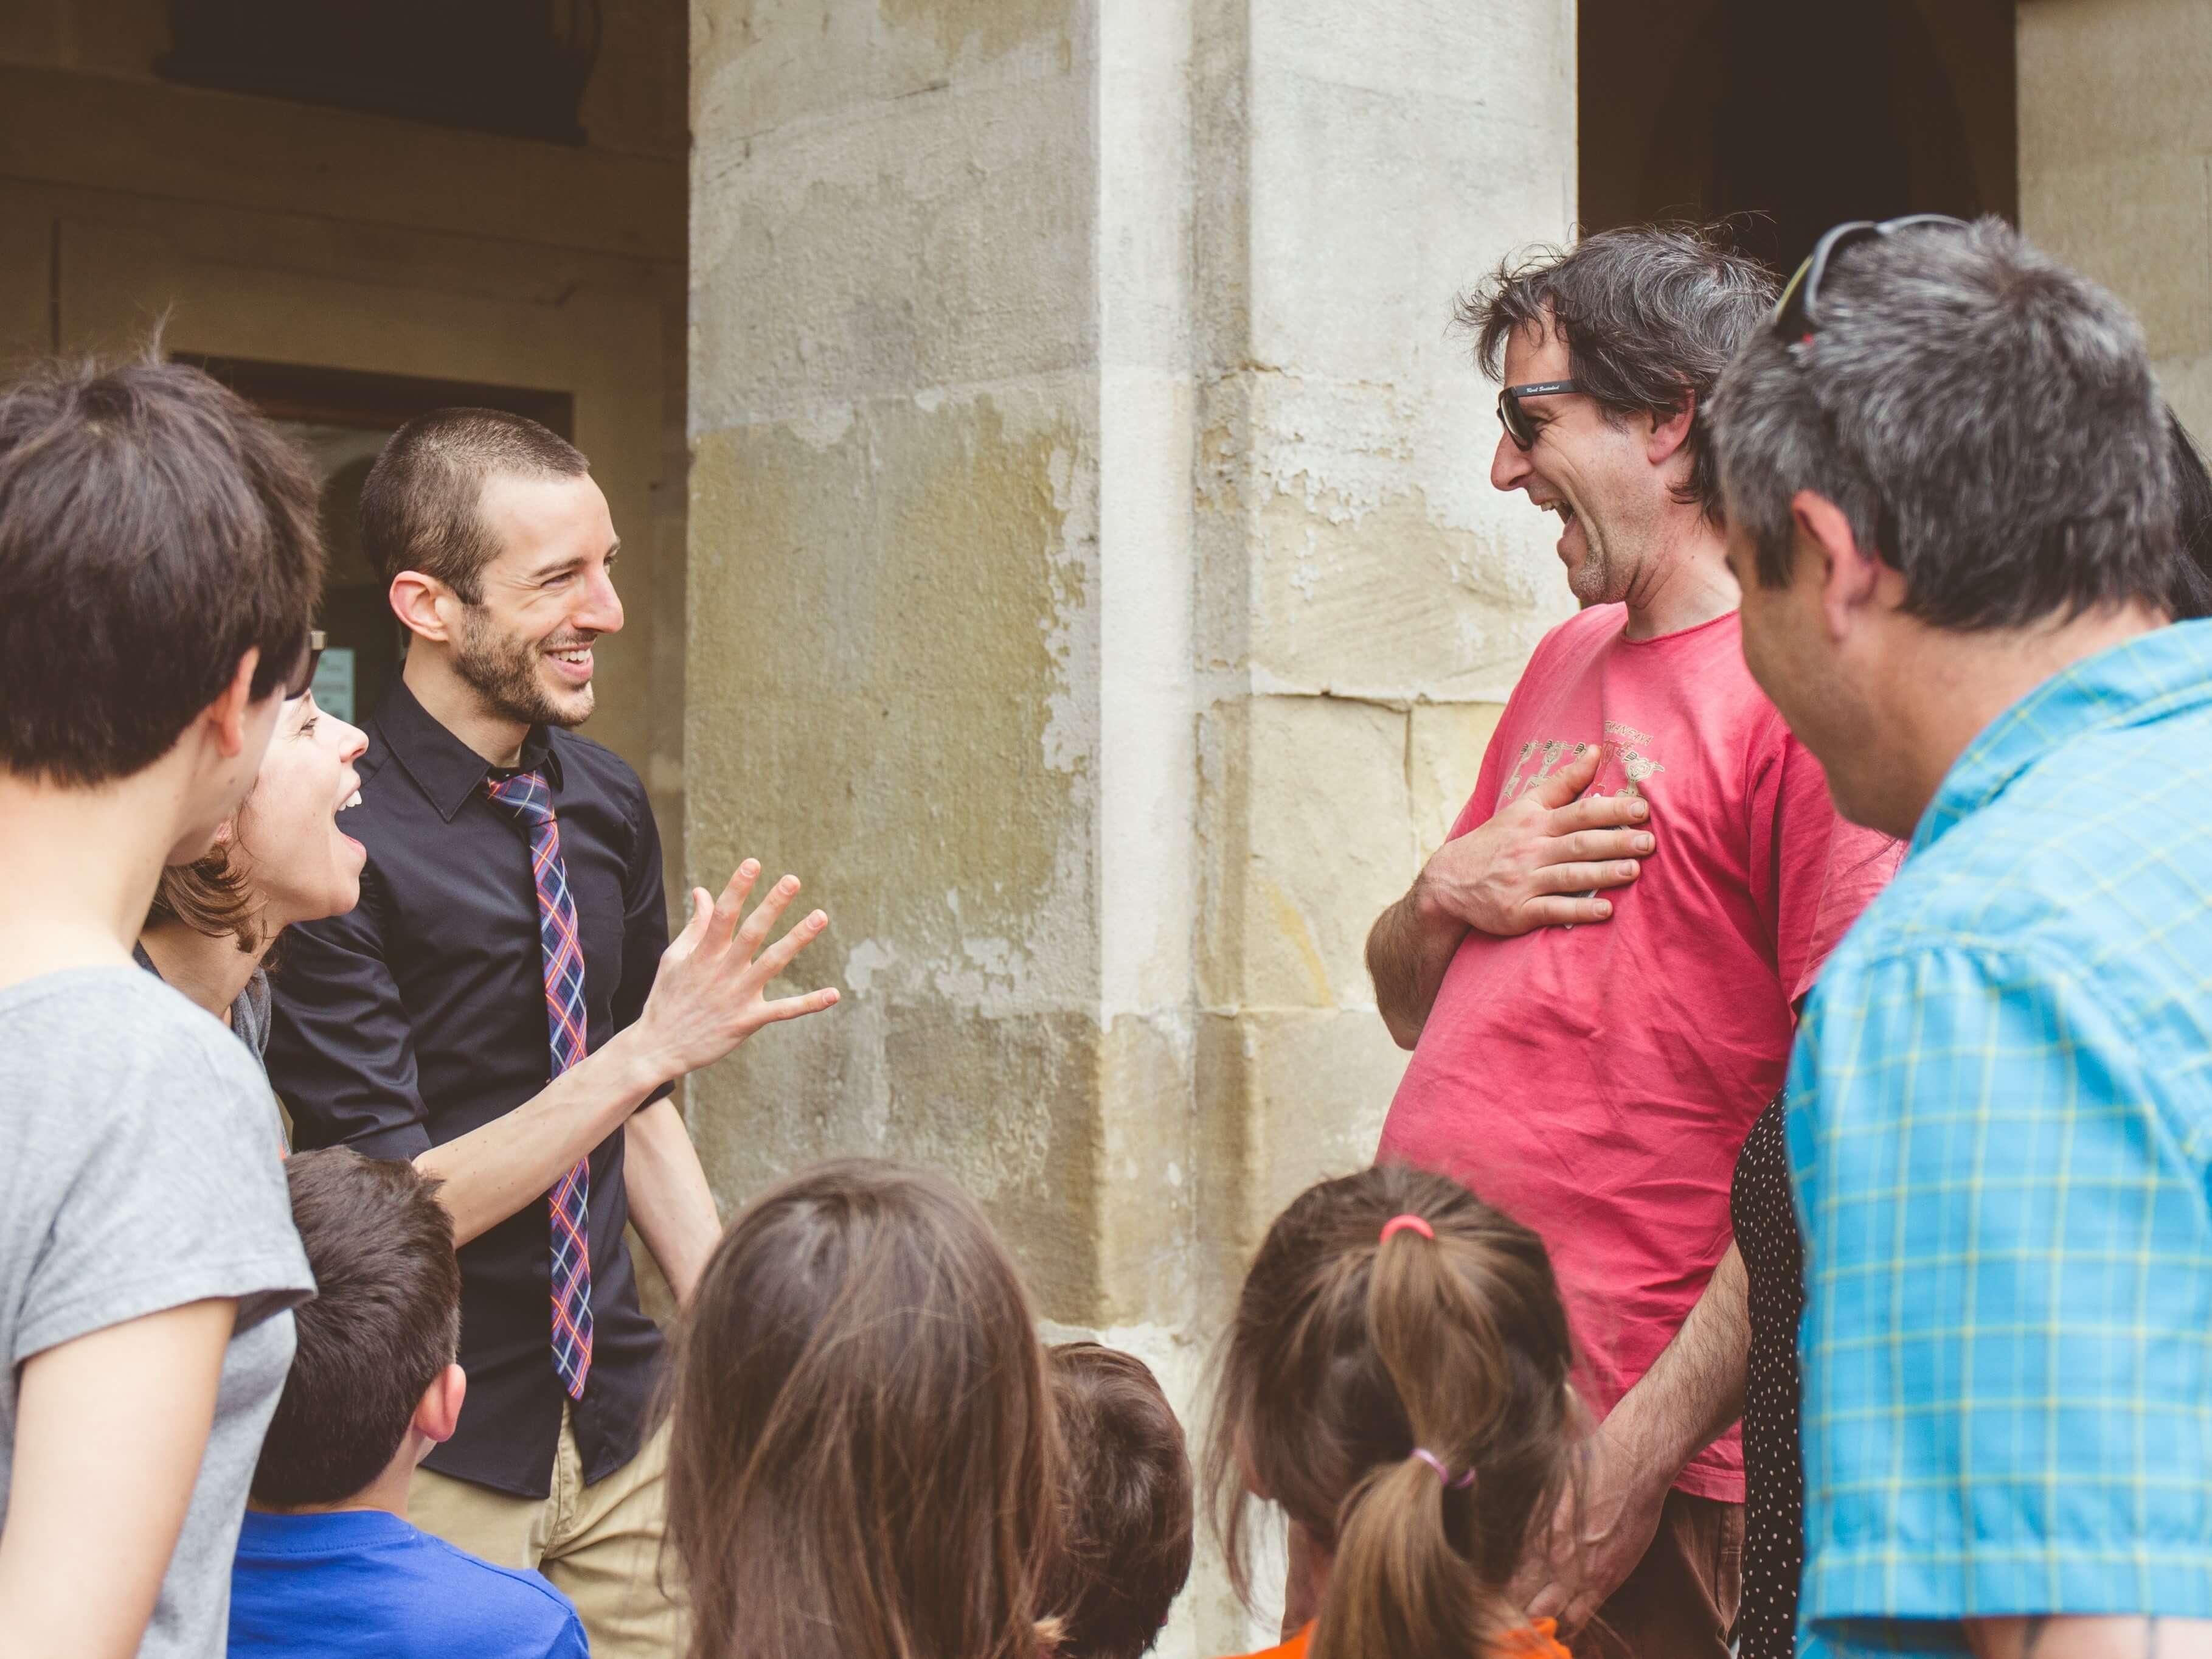 Espectáculo de magia de cerca en la calle y magiapoteo en Burgos